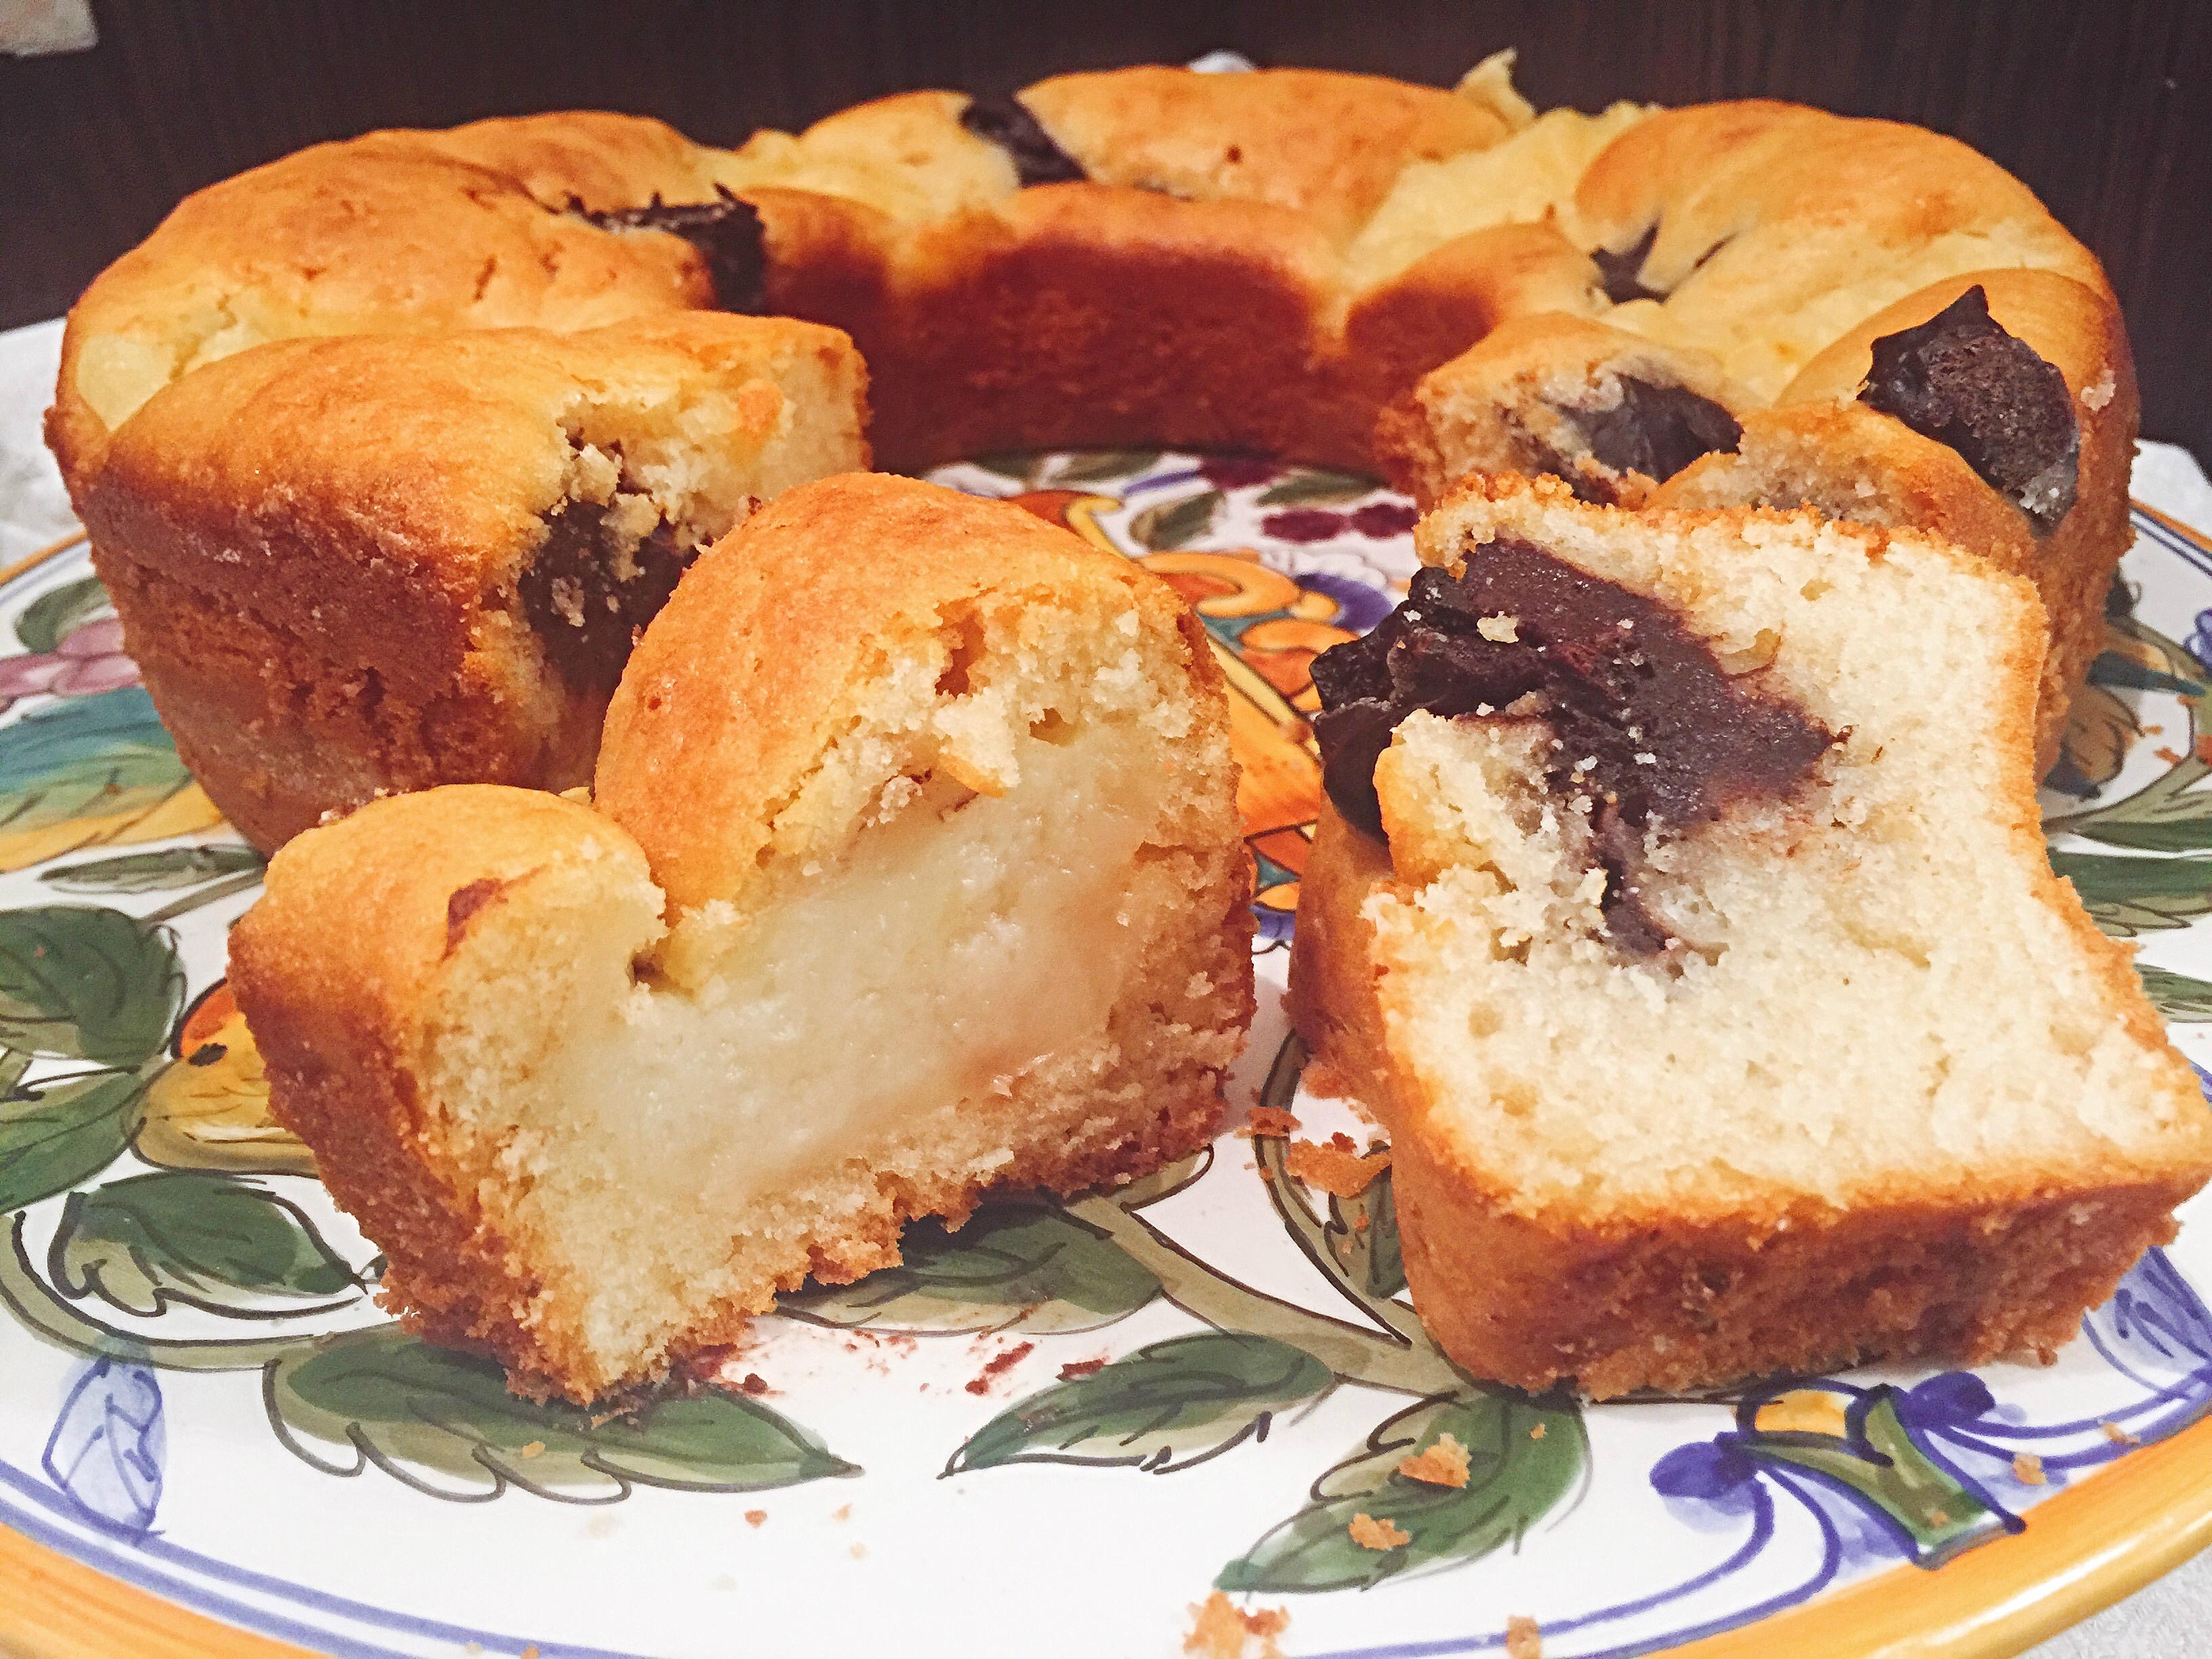 Torta Nua Bigusto! La famosa torta in una variante ancora più golosa di dolci senza burro